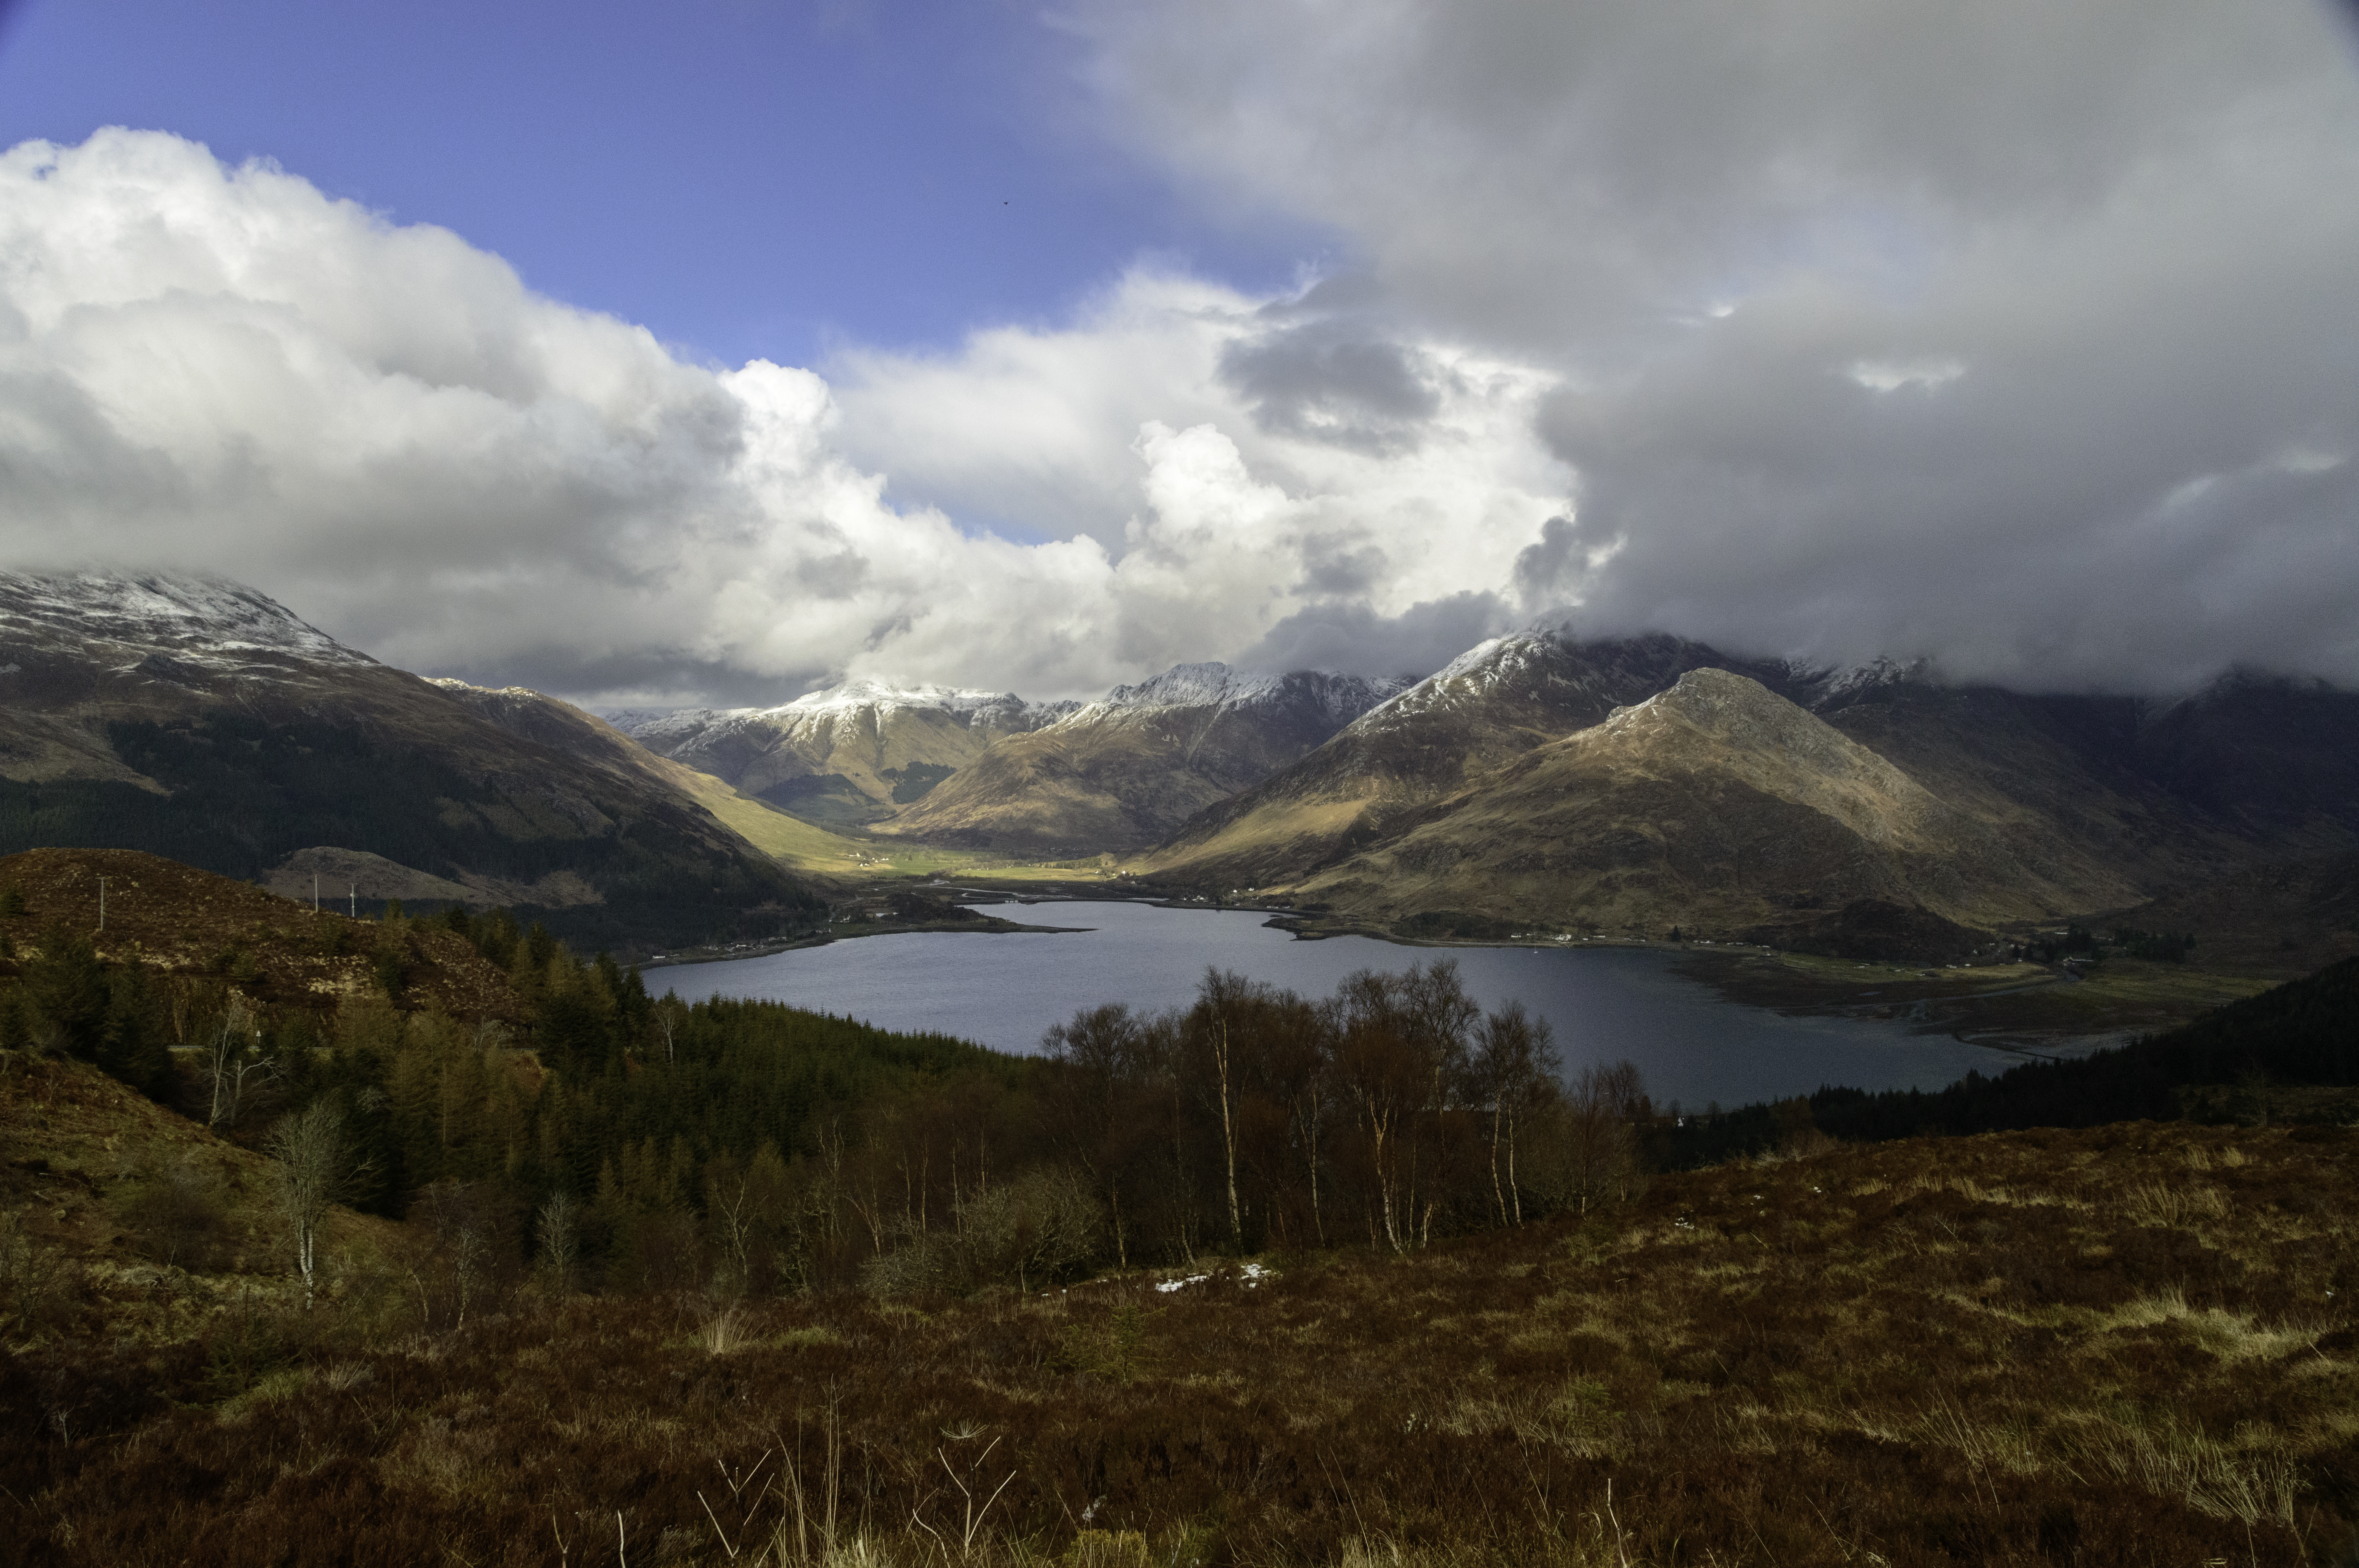 Explora uno de los castillos más bellos de Escocia - Escocia Circuito Gran Tour de Escocia e Irlanda